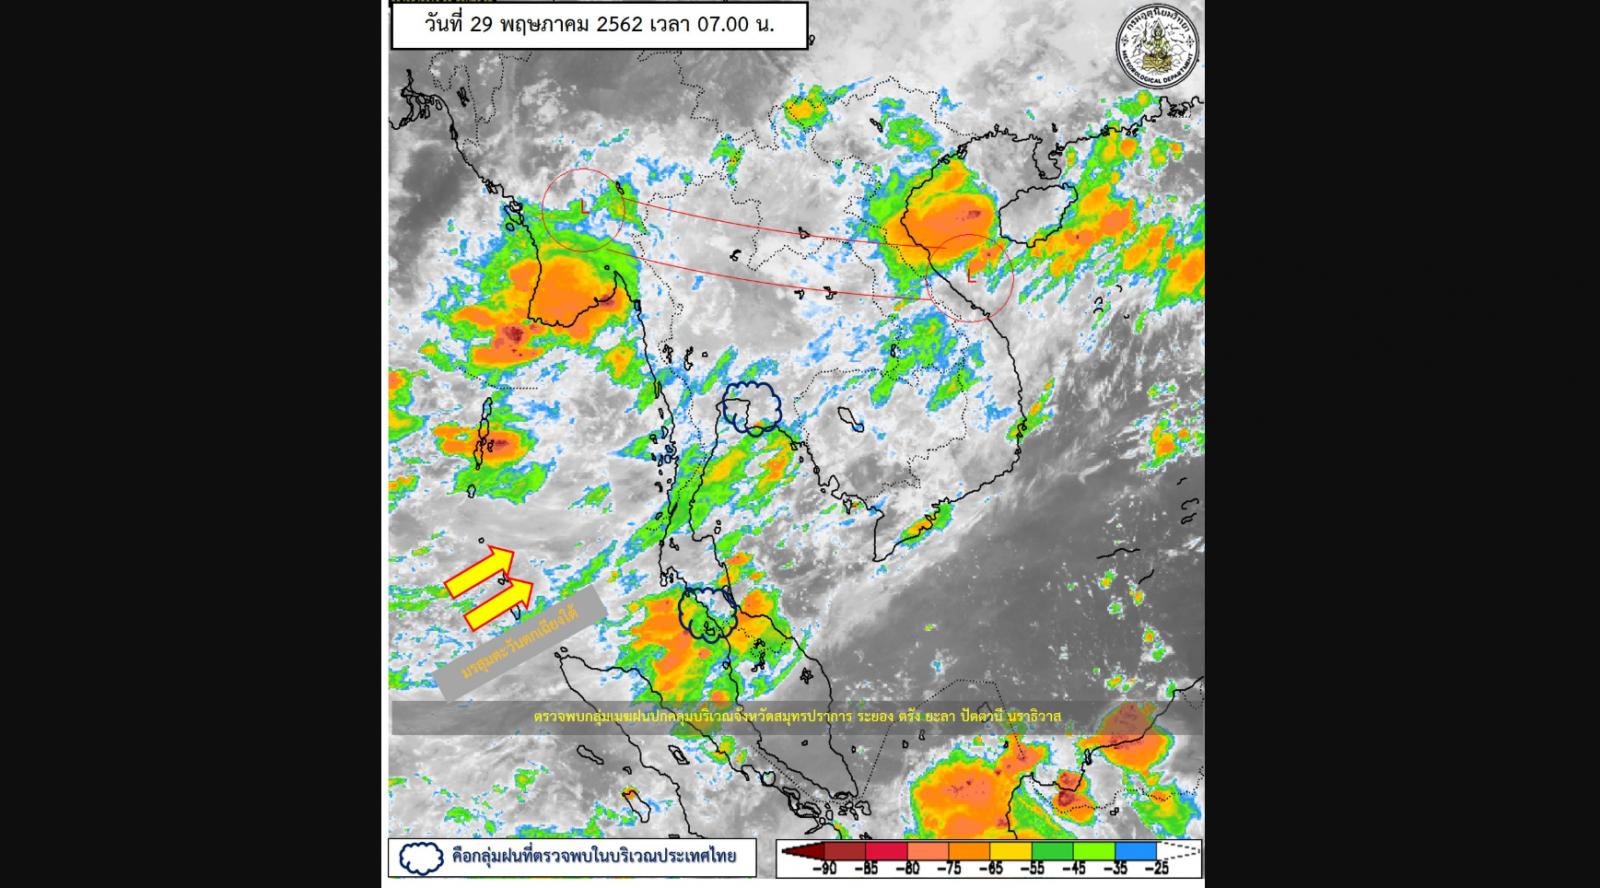 กรมอุตุฯ เตือน ไทยฝนตกทั่วทุกภาค เหนือหนักสุด - กทม.มีฝนร้อยละ 60